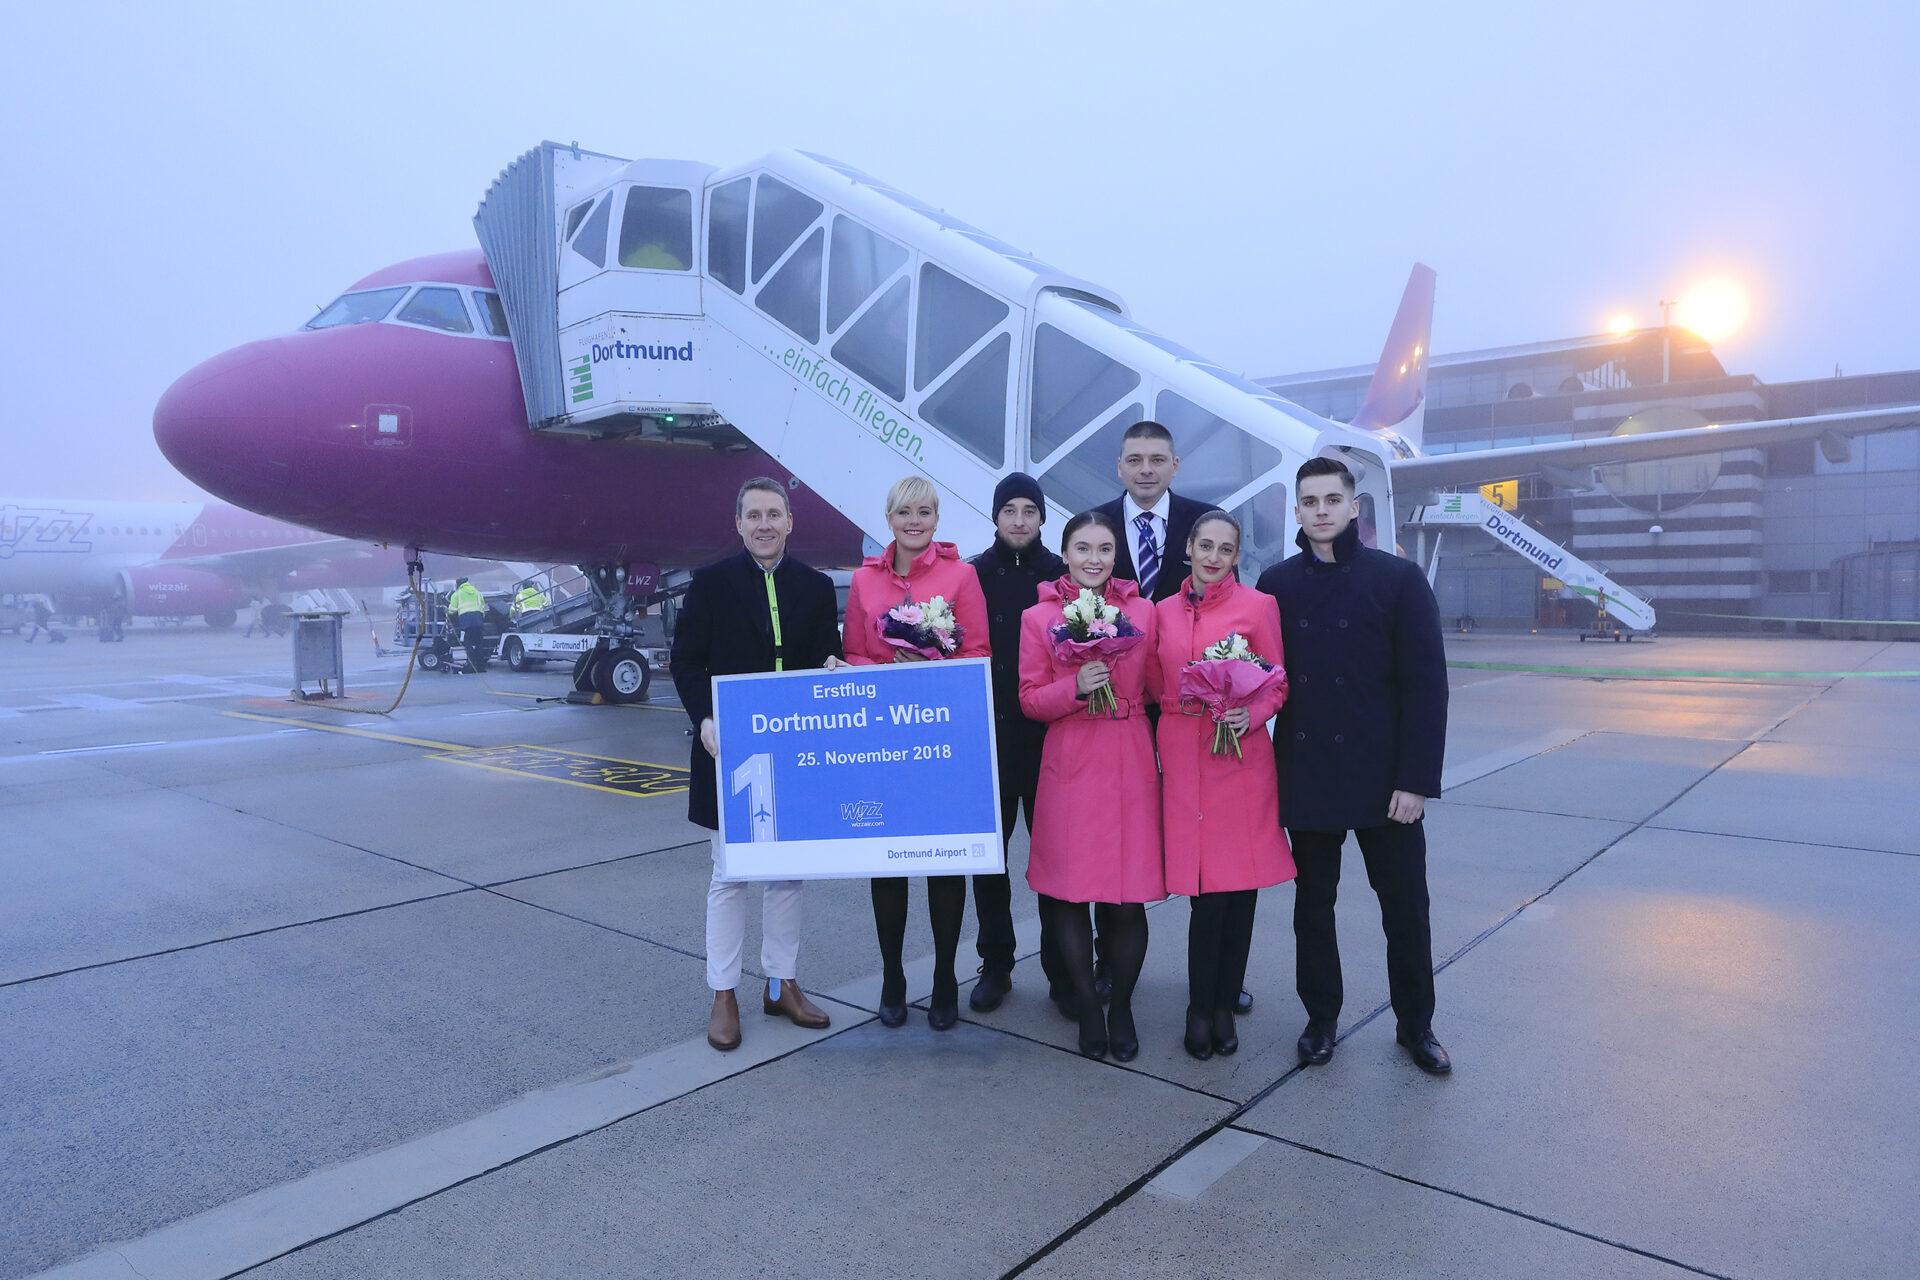 Mit Wizz Air von Dortmund nach Wien fliegen